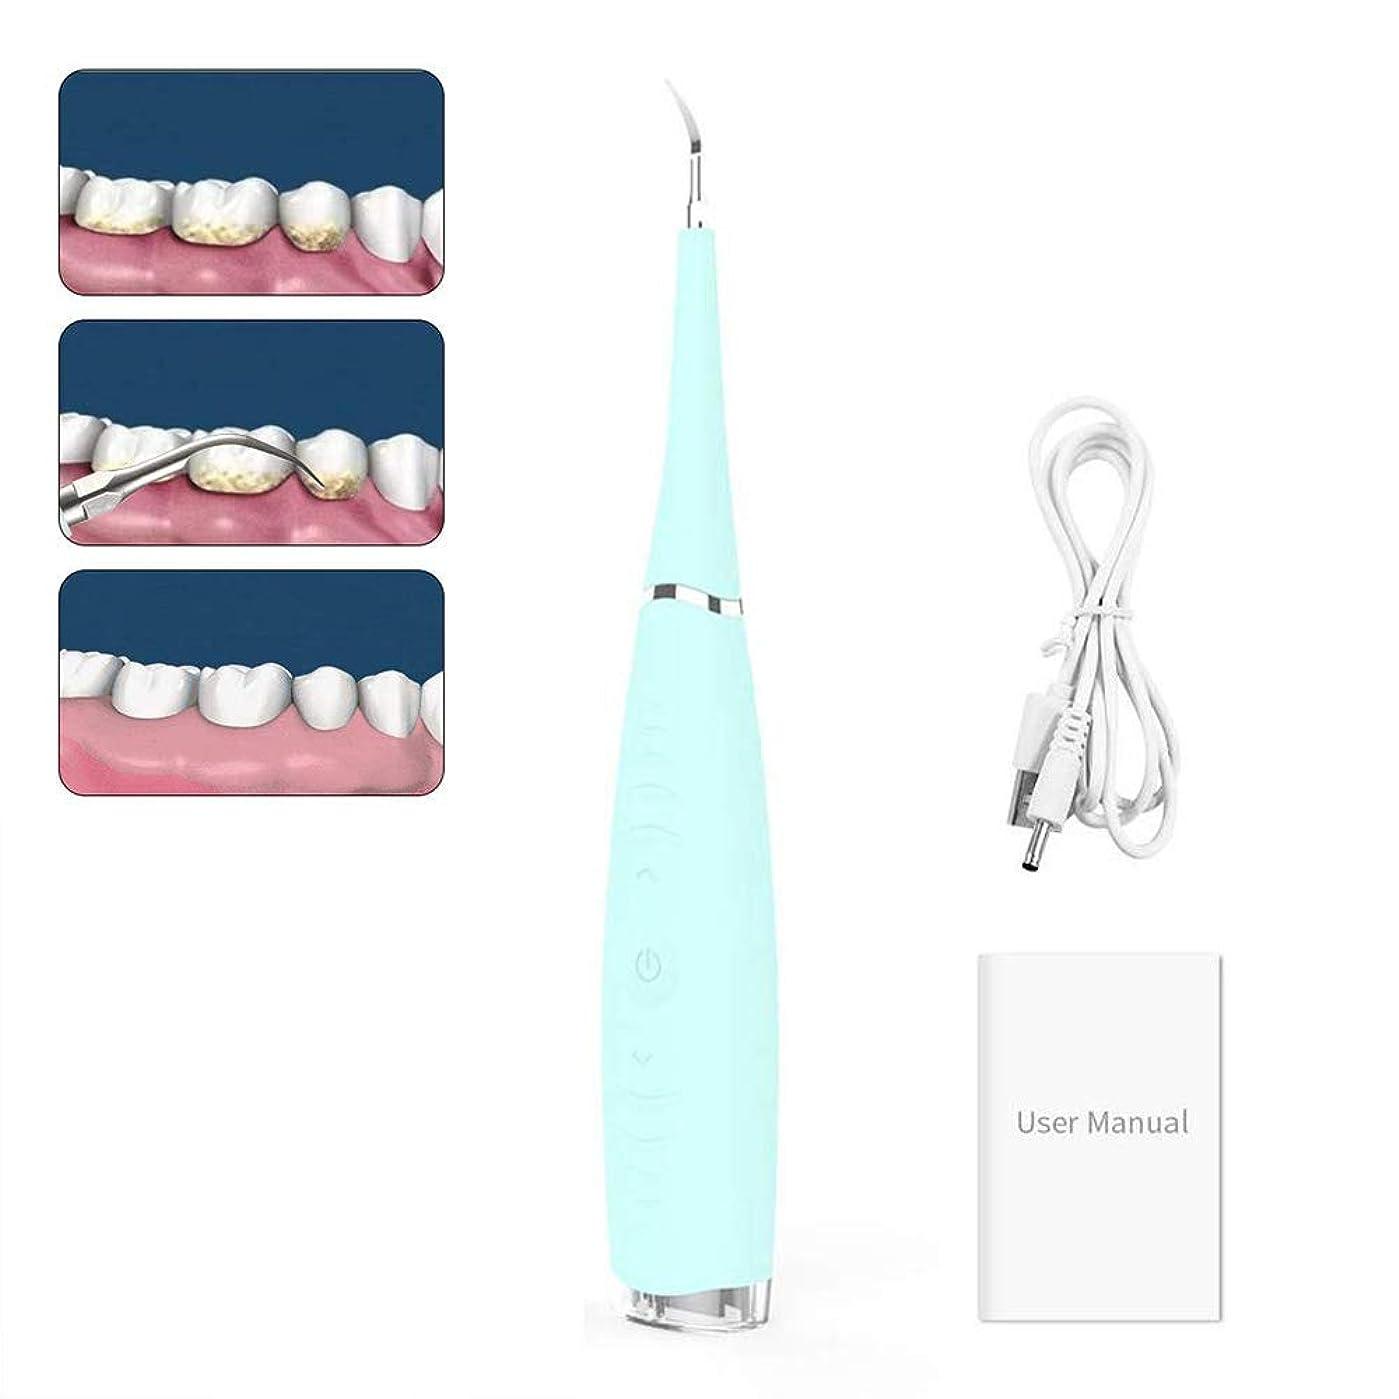 最後の満員割合電気音波歯石歯垢除去ツールキット - 歯スクレーパー歯石除去クリーナー歯の汚れ、歯垢除去、5調整可能モード